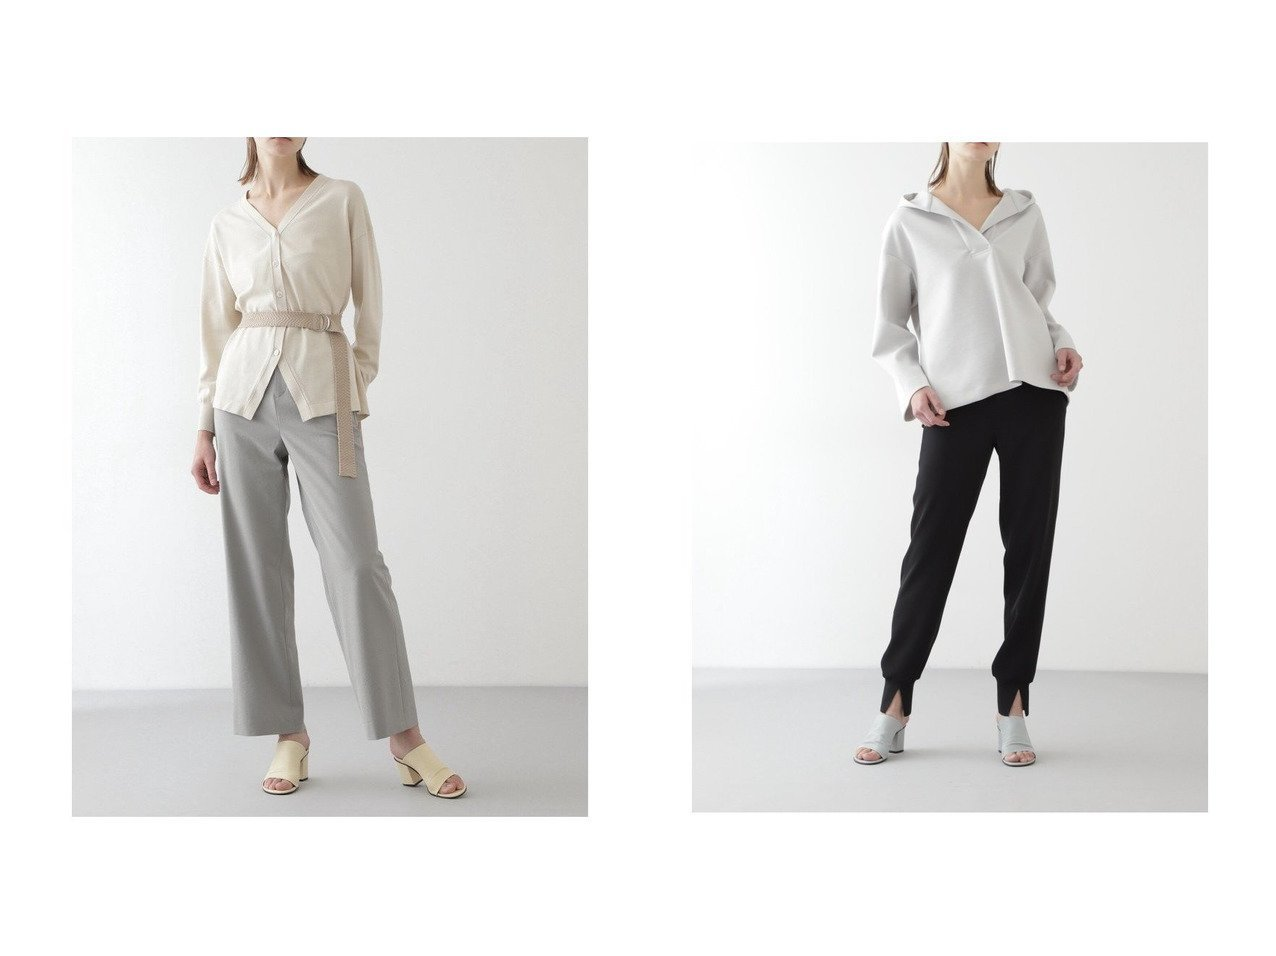 【BOSCH/ボッシュ】のドライPEセットアップパンツ&ジョガーパンツ パンツおすすめ!人気、トレンド・レディースファッションの通販 おすすめで人気の流行・トレンド、ファッションの通販商品 メンズファッション・キッズファッション・インテリア・家具・レディースファッション・服の通販 founy(ファニー) https://founy.com/ ファッション Fashion レディースファッション WOMEN セットアップ Setup パンツ Pants パンツ Pants NEW・新作・新着・新入荷 New Arrivals ジーンズ スタンダード ストライプ ストレート セットアップ 再入荷 Restock/Back in Stock/Re Arrival |ID:crp329100000011305